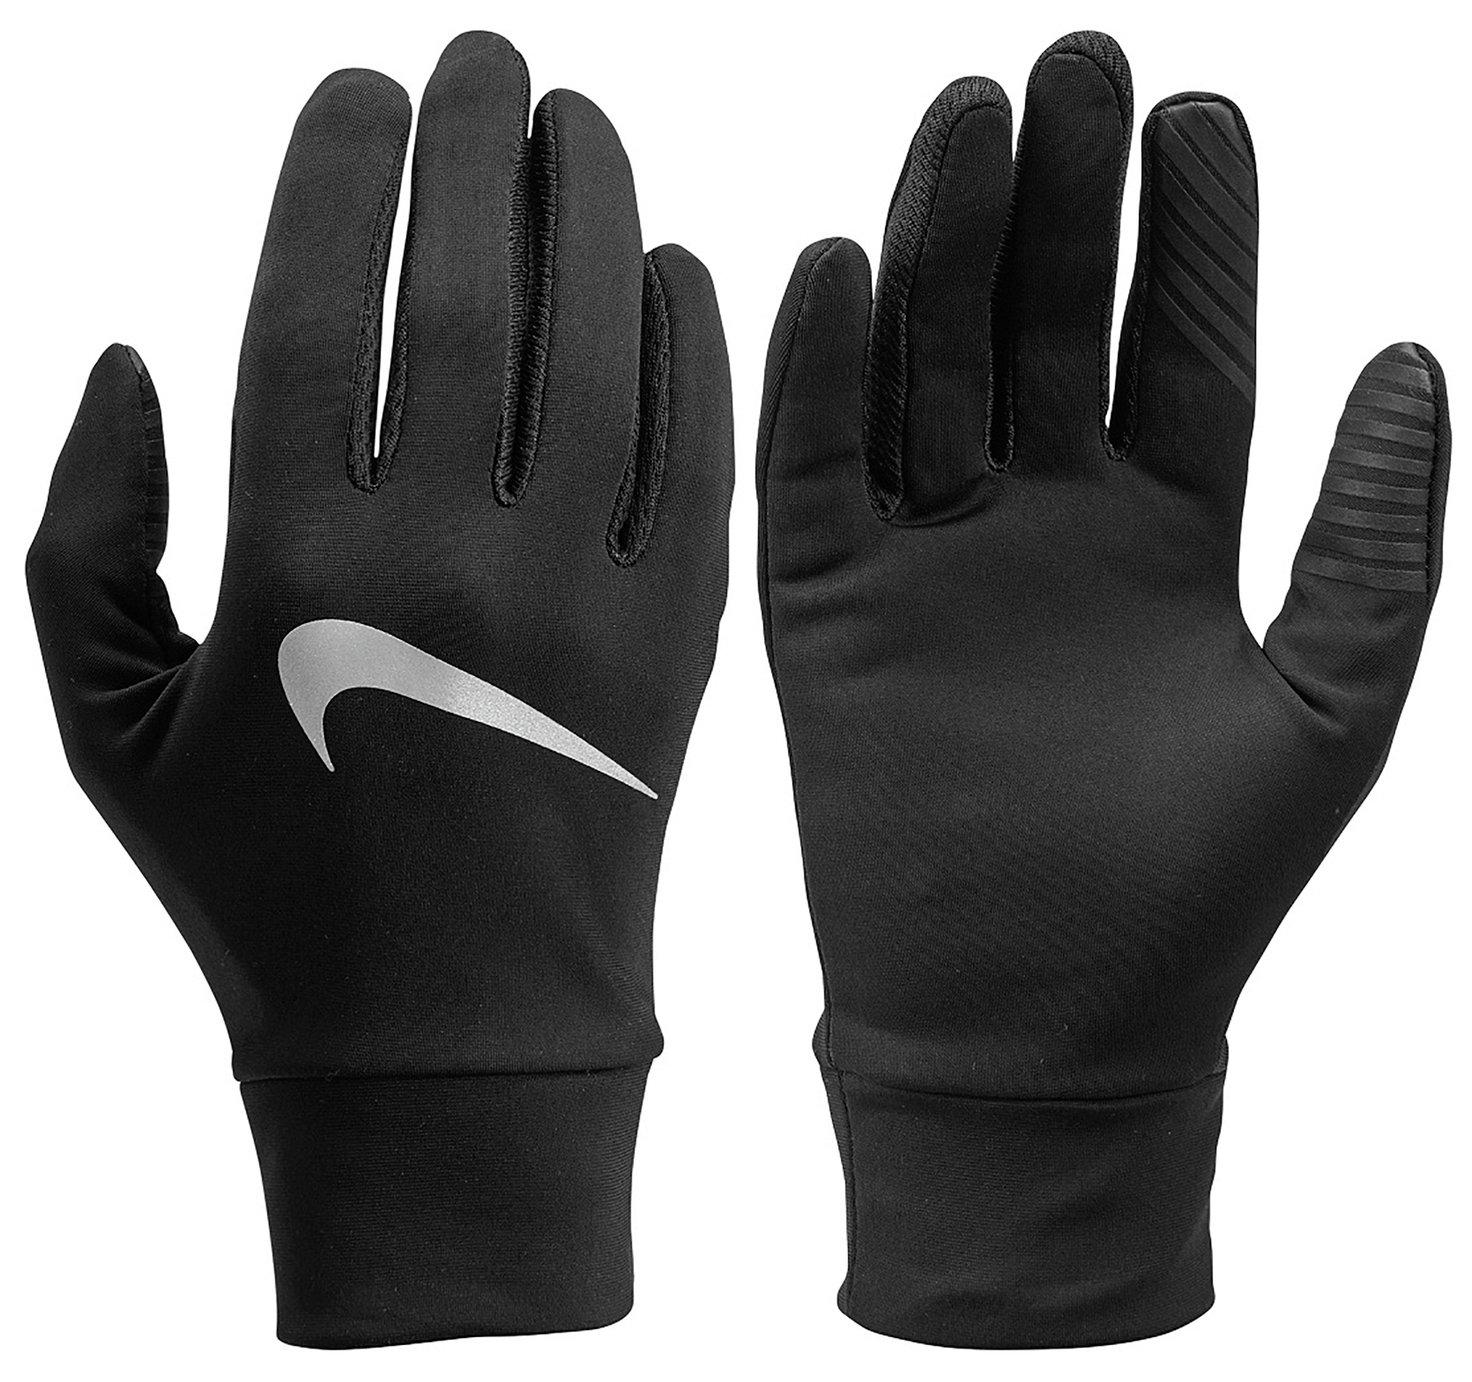 Nike Women's Lightweight Tech Running Gloves - Small